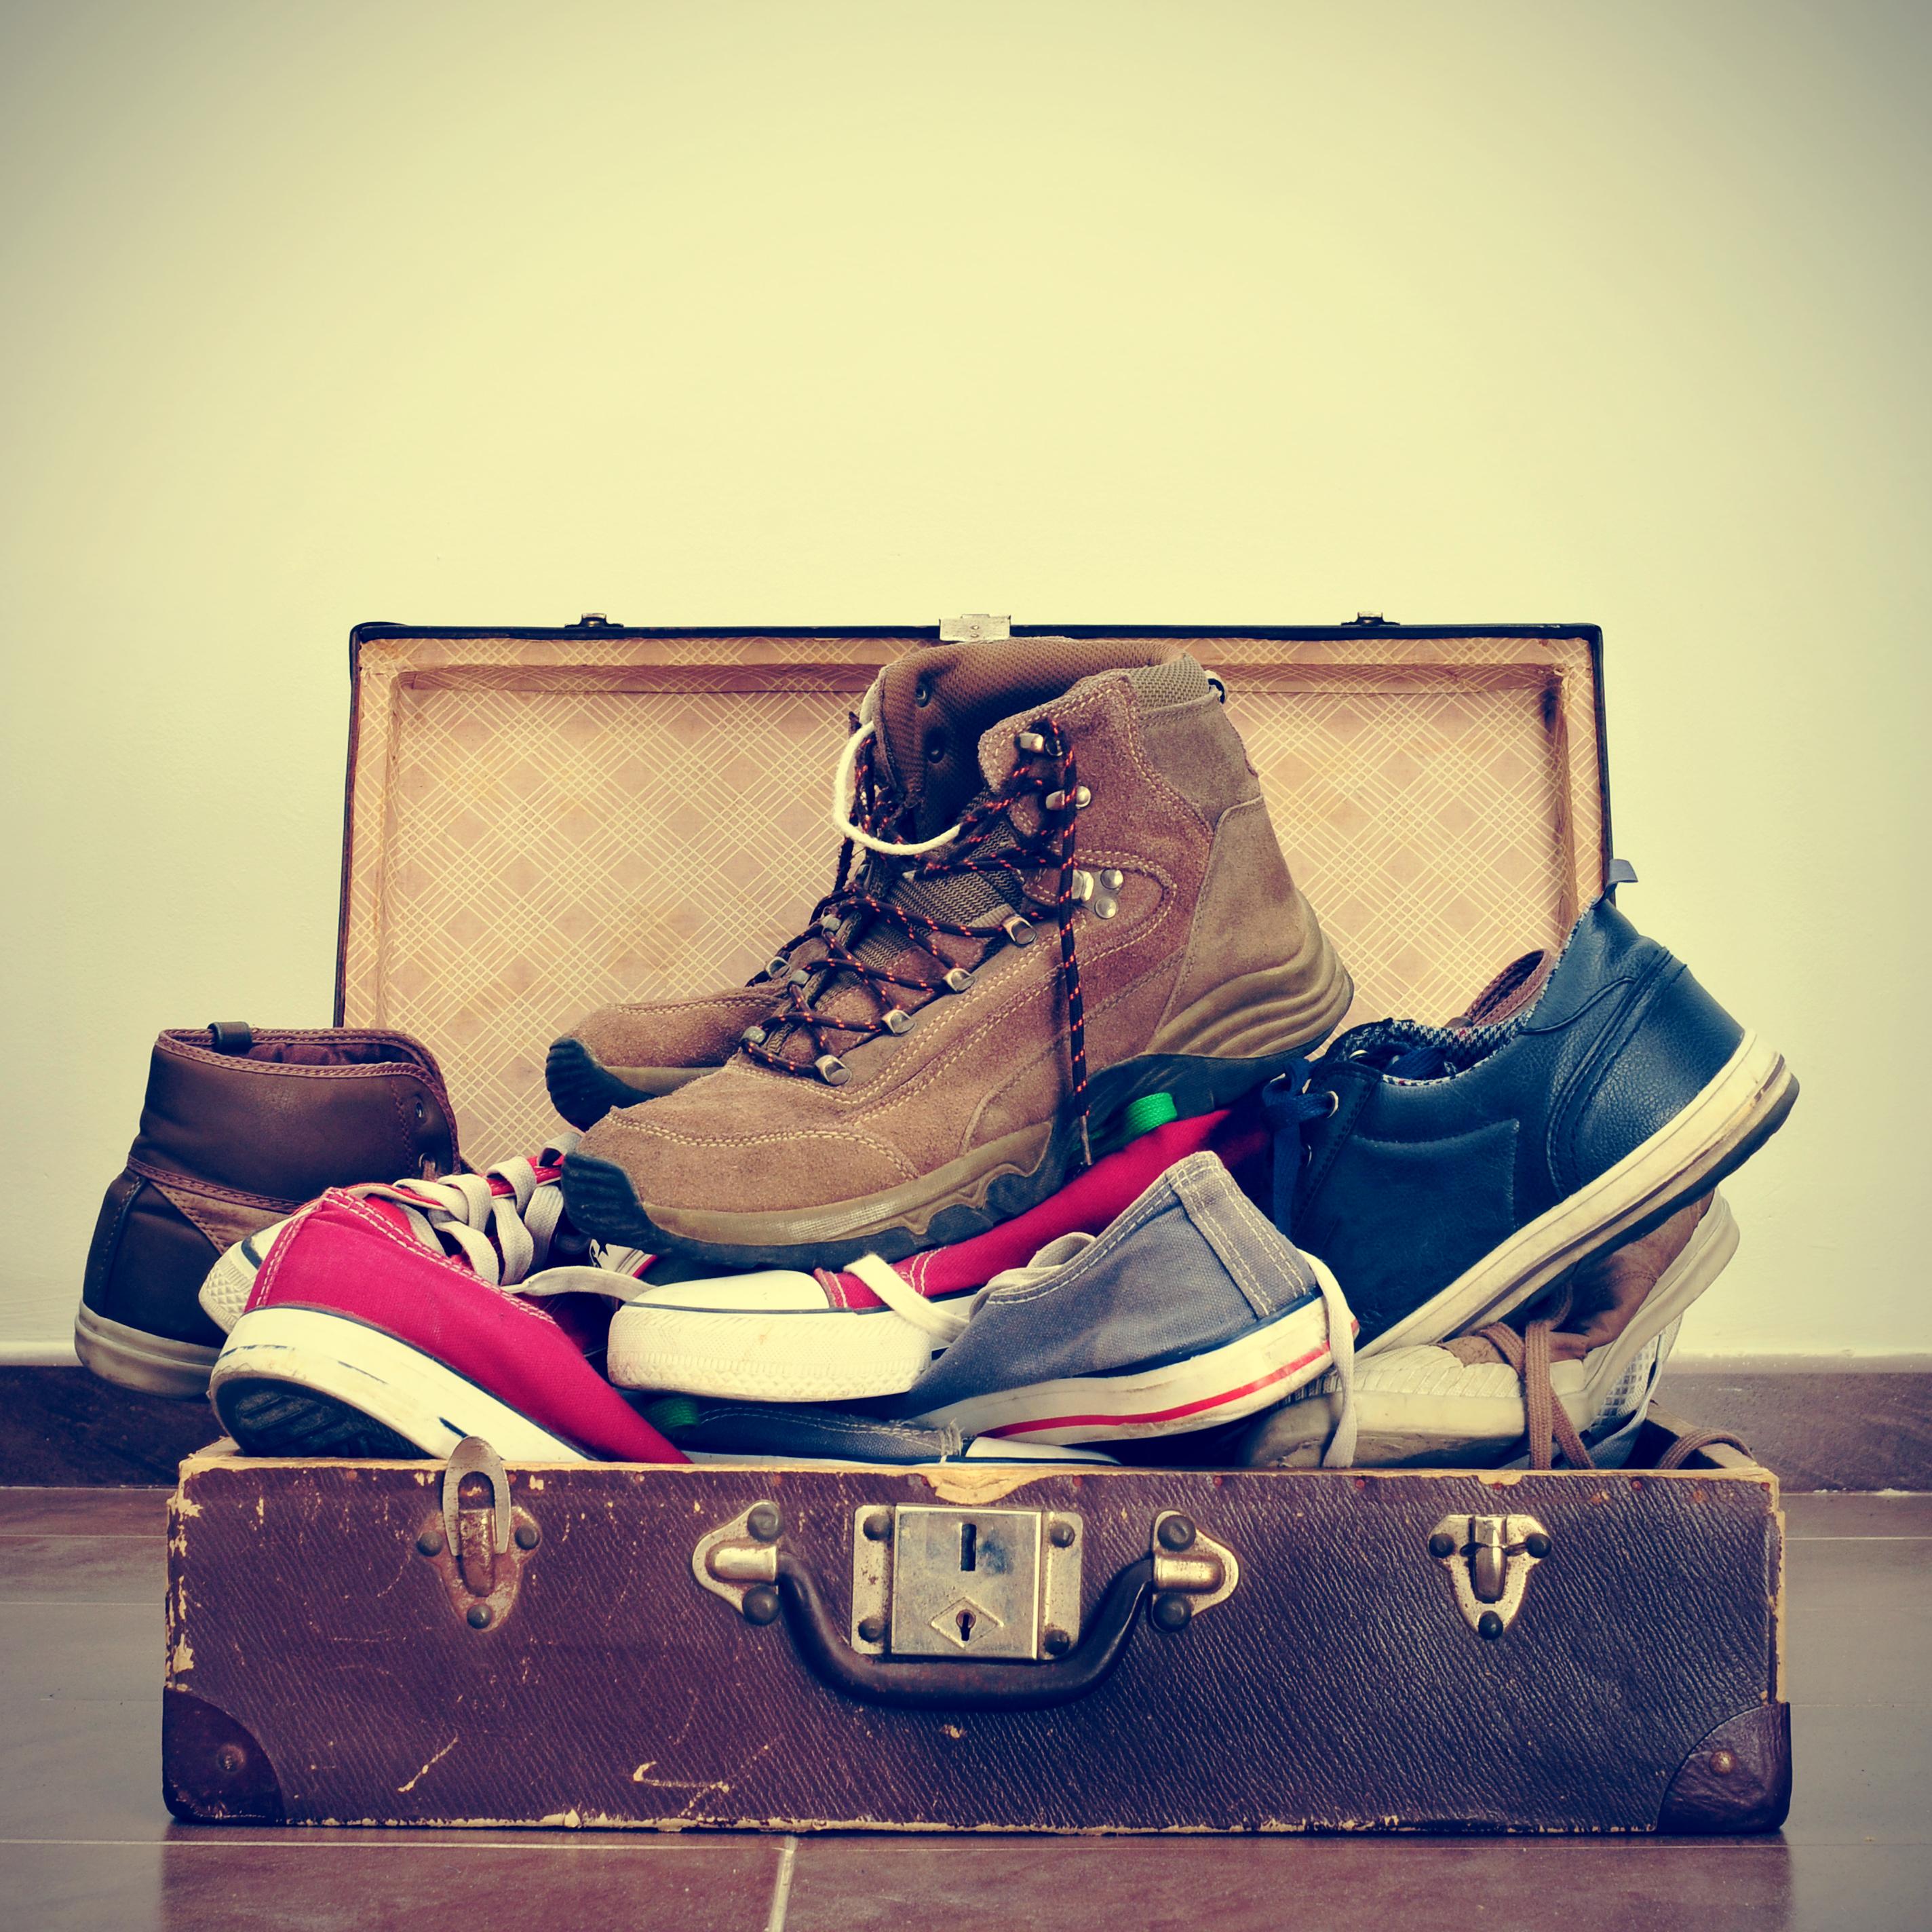 Pensez à recycler les chaussures que vous ne portez plus